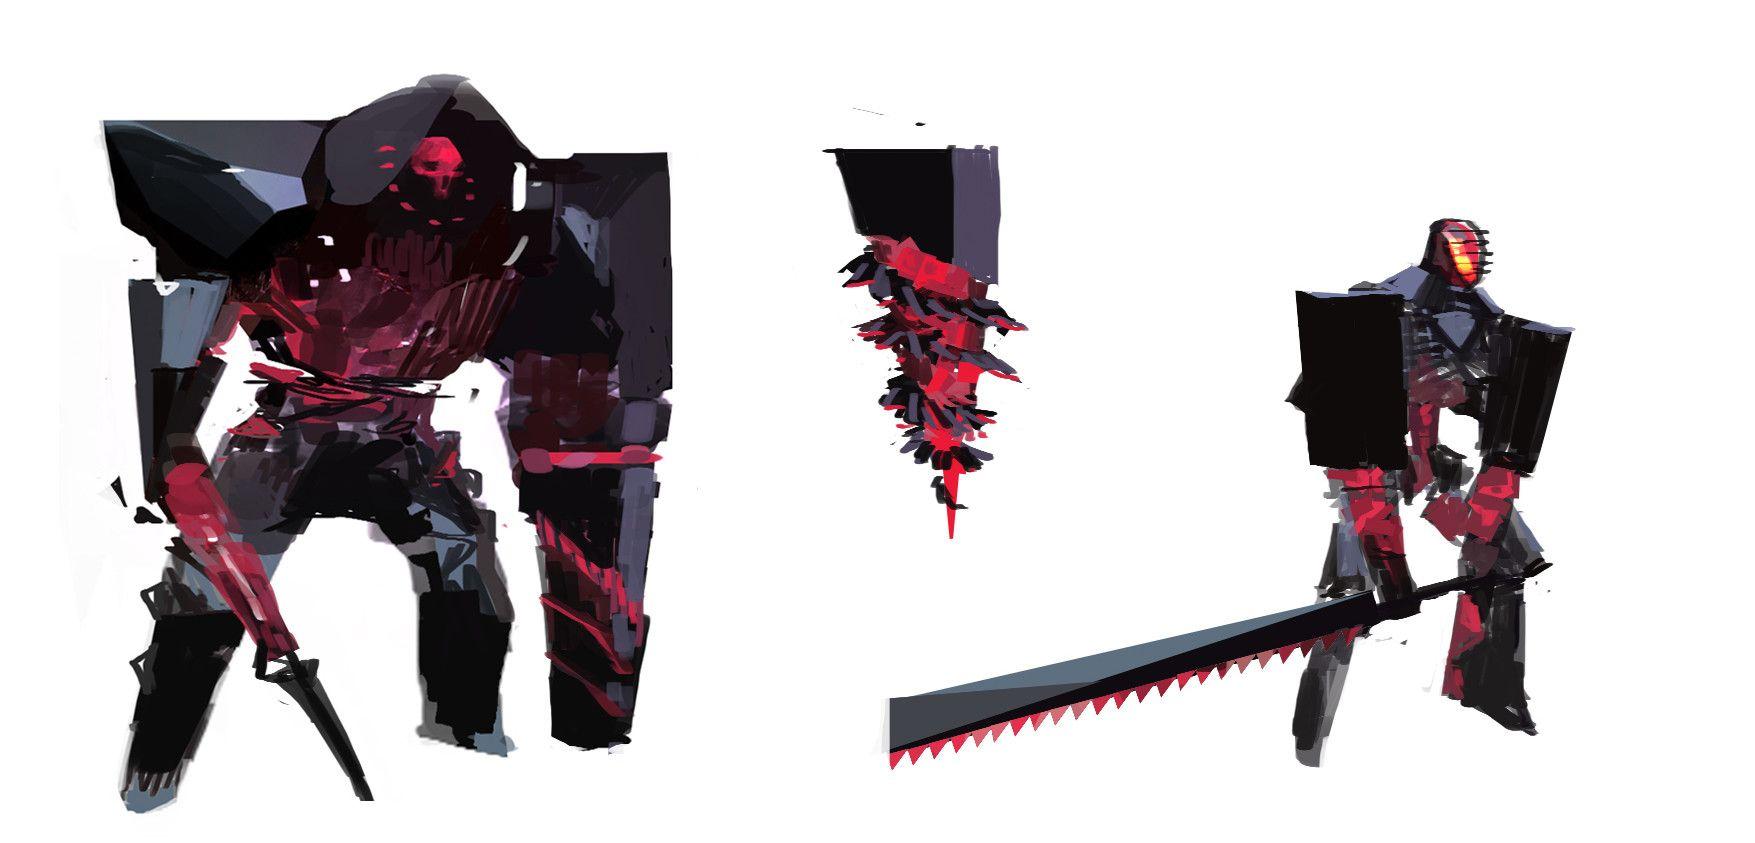 ArtStation - Branded - Guild Wars 2 : Path of Fire, Zhengyi